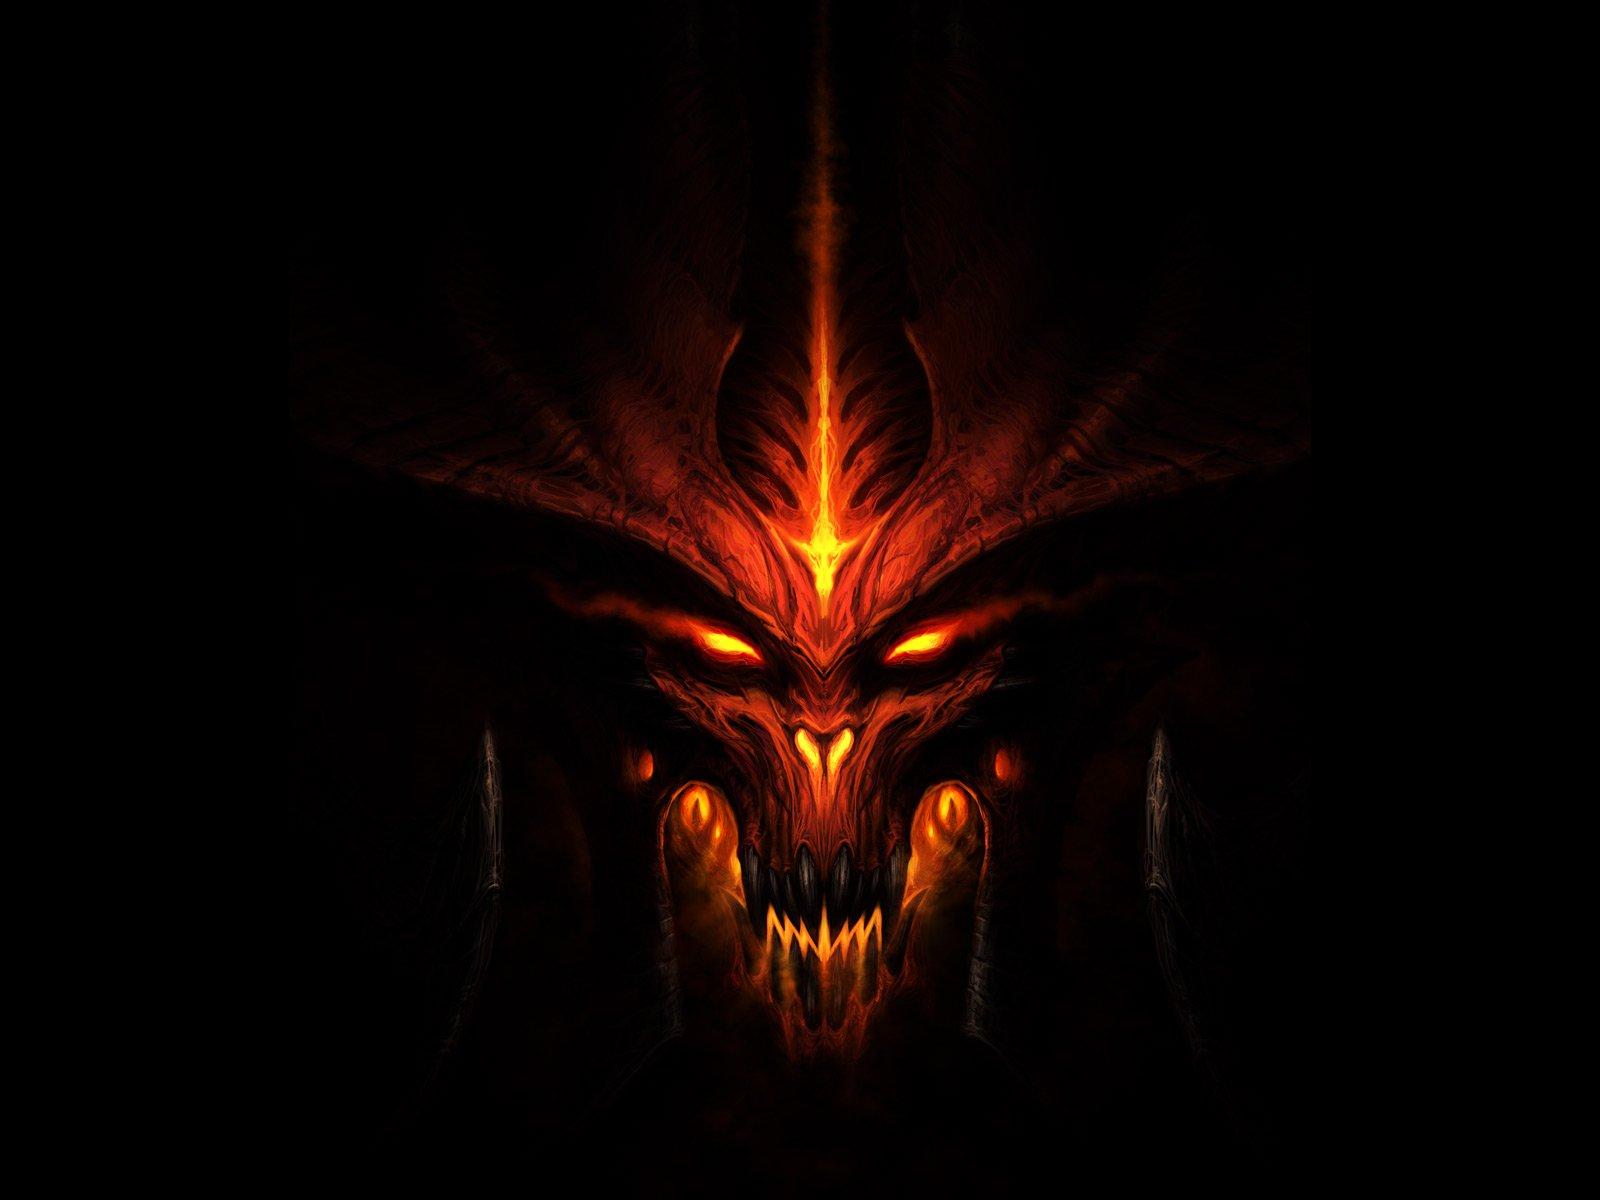 В скором будущем, игроки в Diablo 3 смогут по своему желанию изменять статы найденных или купленных предметов. Новая ... - Изображение 1